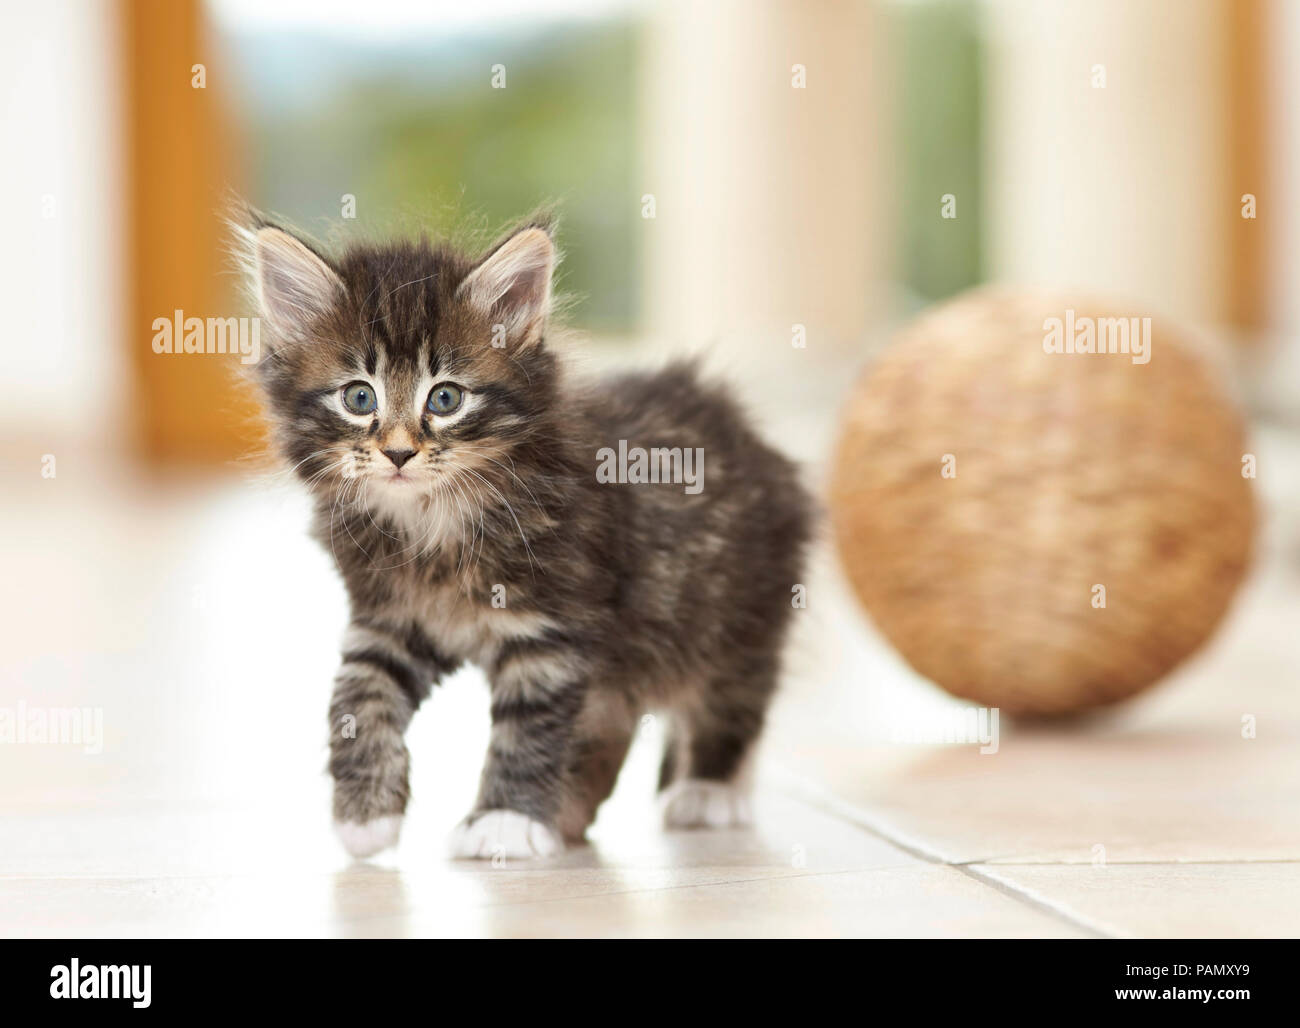 Norwegian Forest Cat. Kitten walking on tile floor. Germany - Stock Image